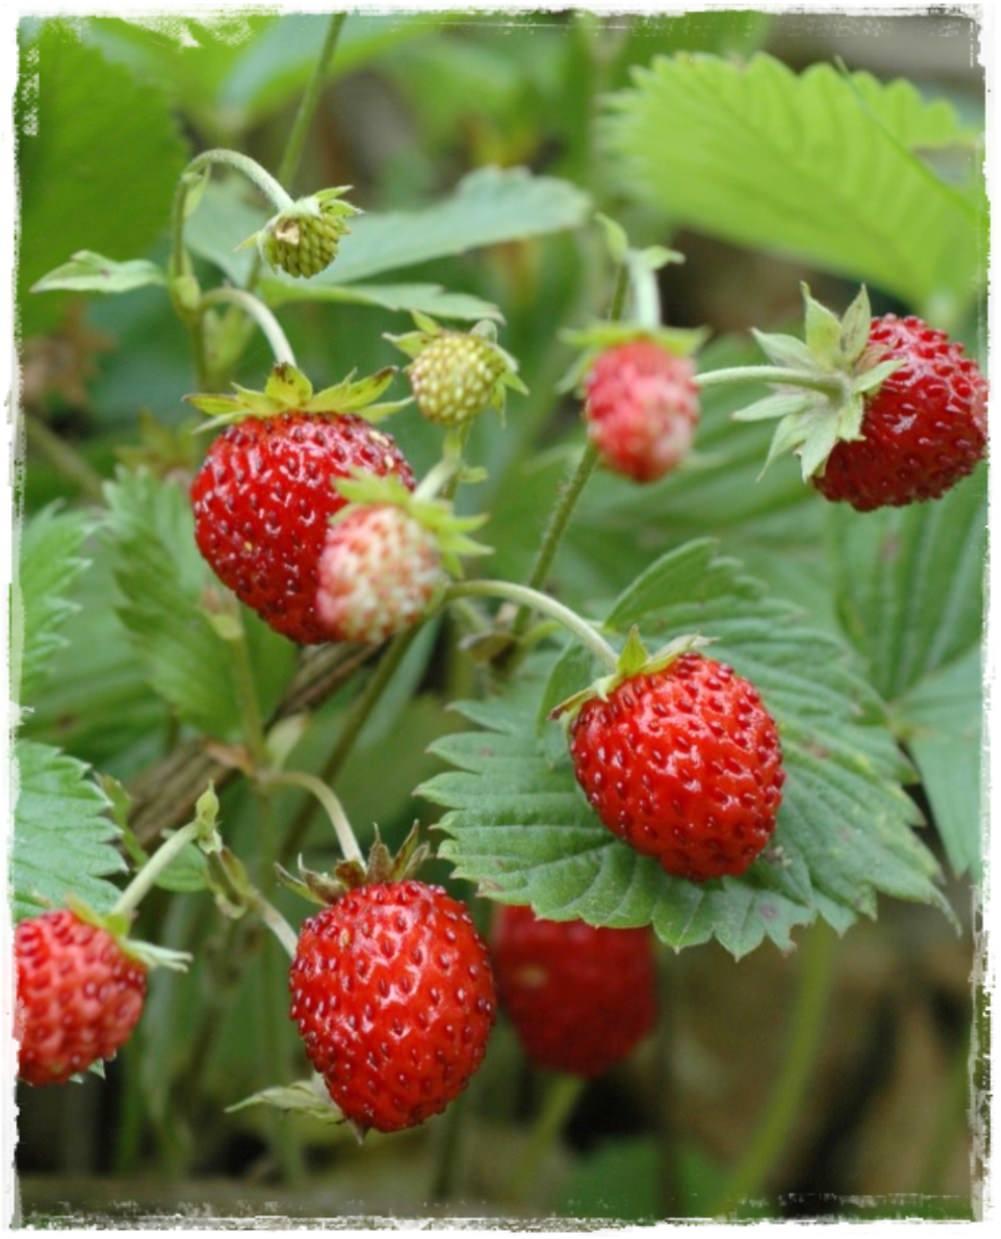 Fragola di bosco 39 tubby red 39 vendita piccoli frutti for Pianta di fragole